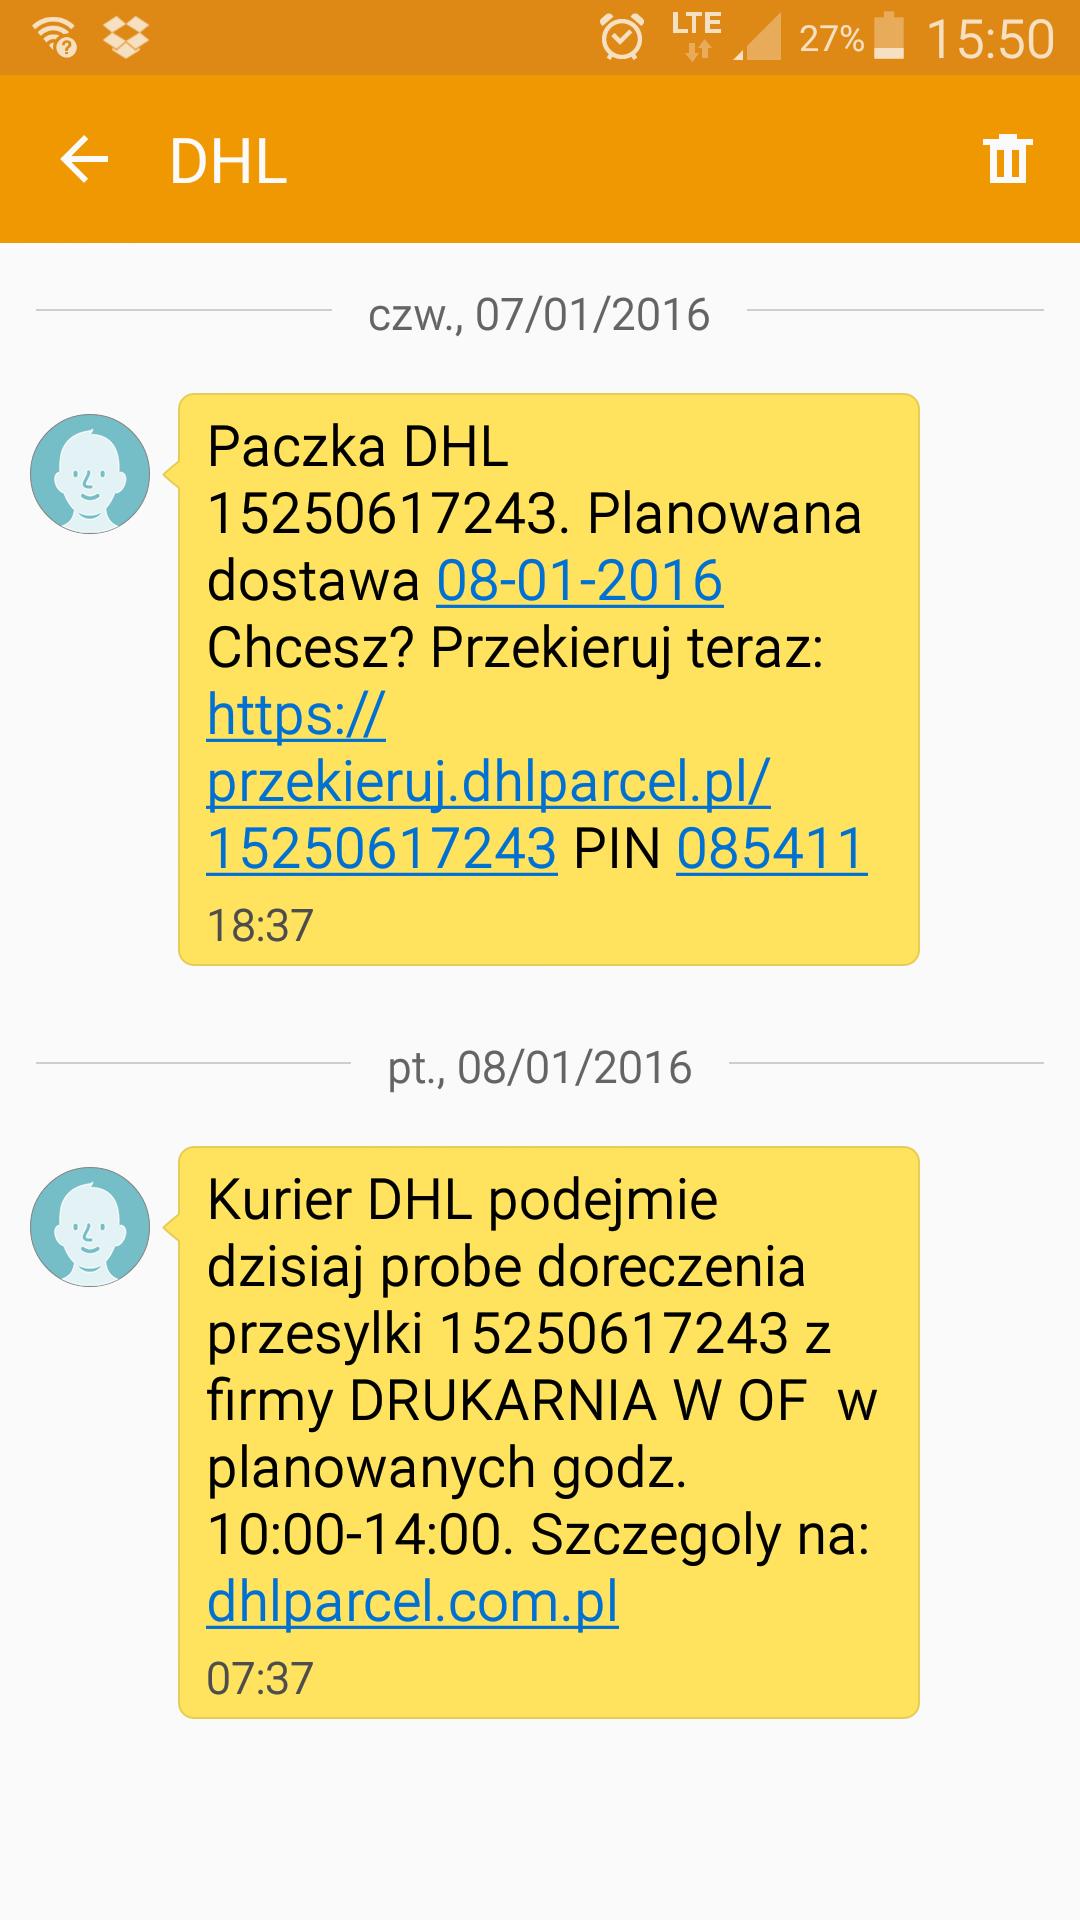 Nowe usługi sms oferowane przez DHL